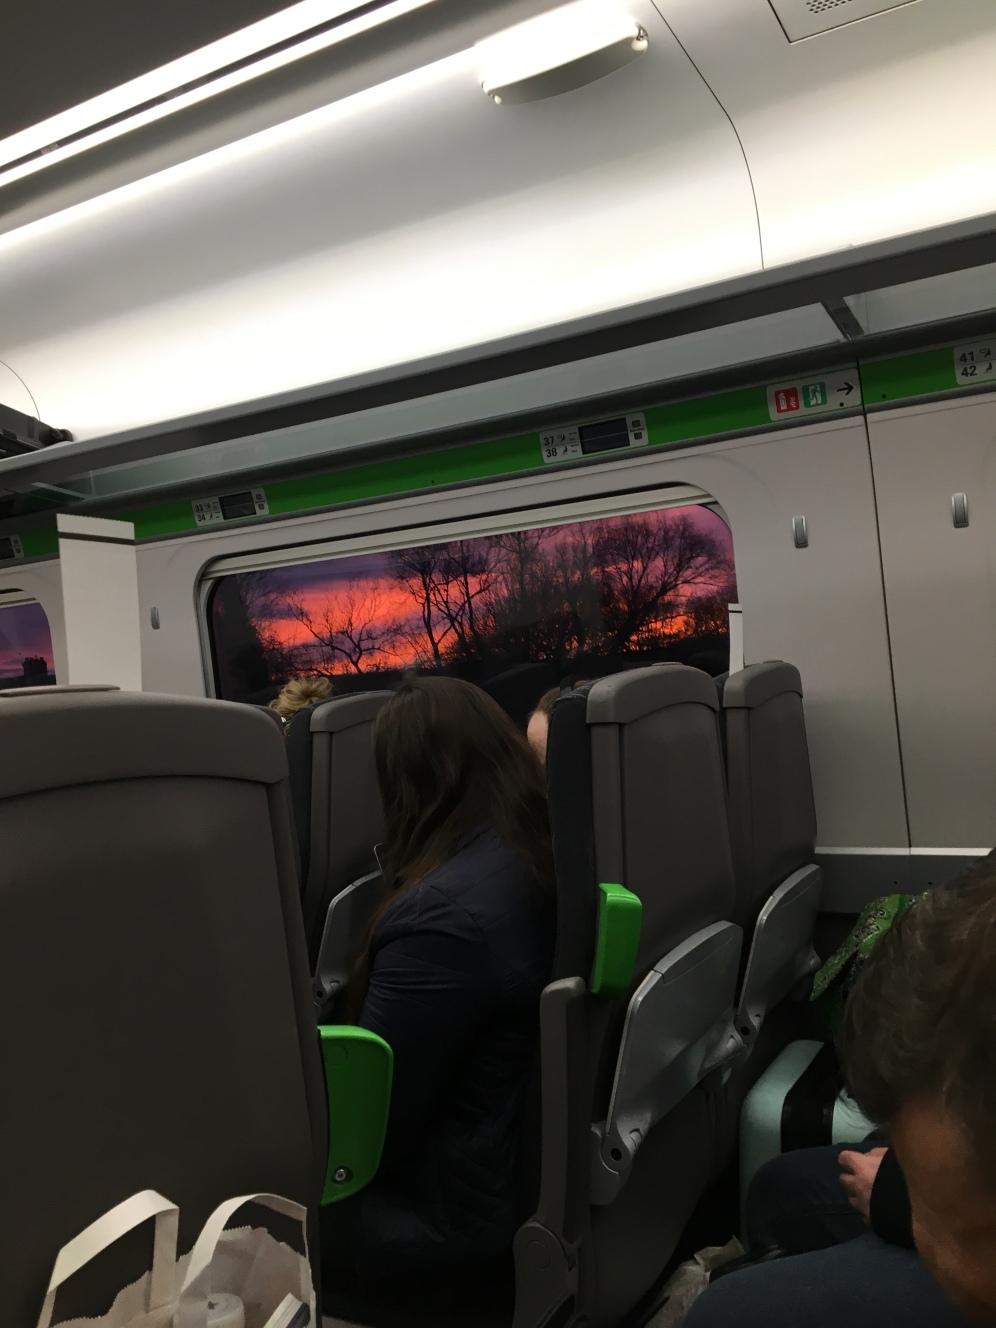 Sunset op de trein London - Worcester